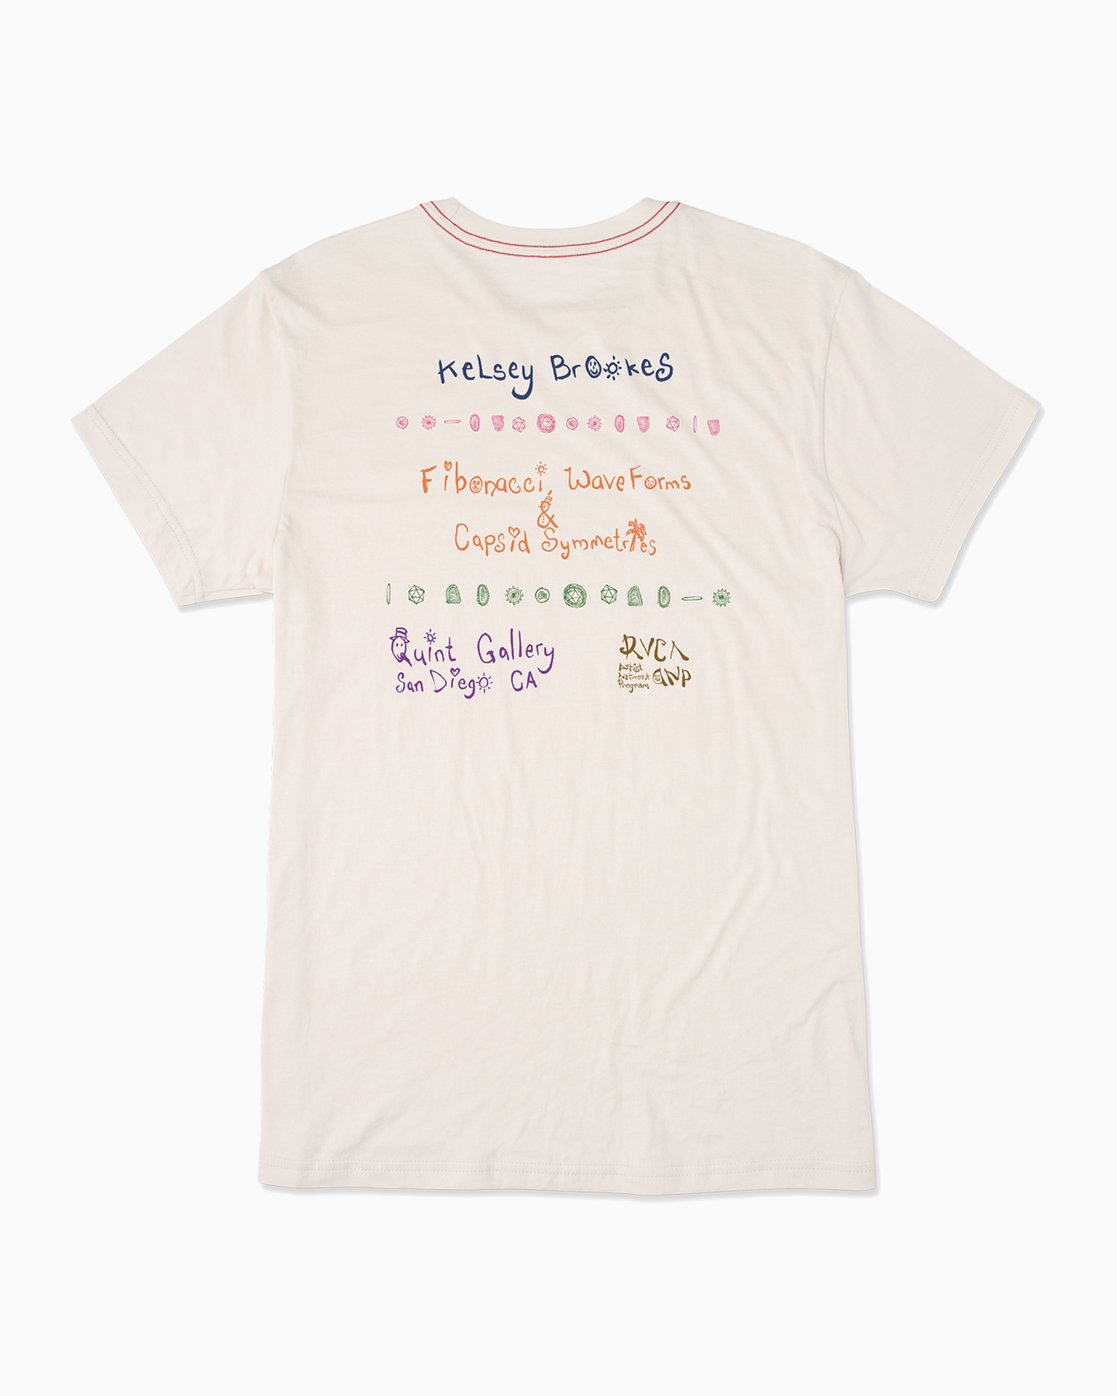 1 RVCA Platform Kelsey Brookes Quint Gallery T-Shirt  M420QRKB RVCA